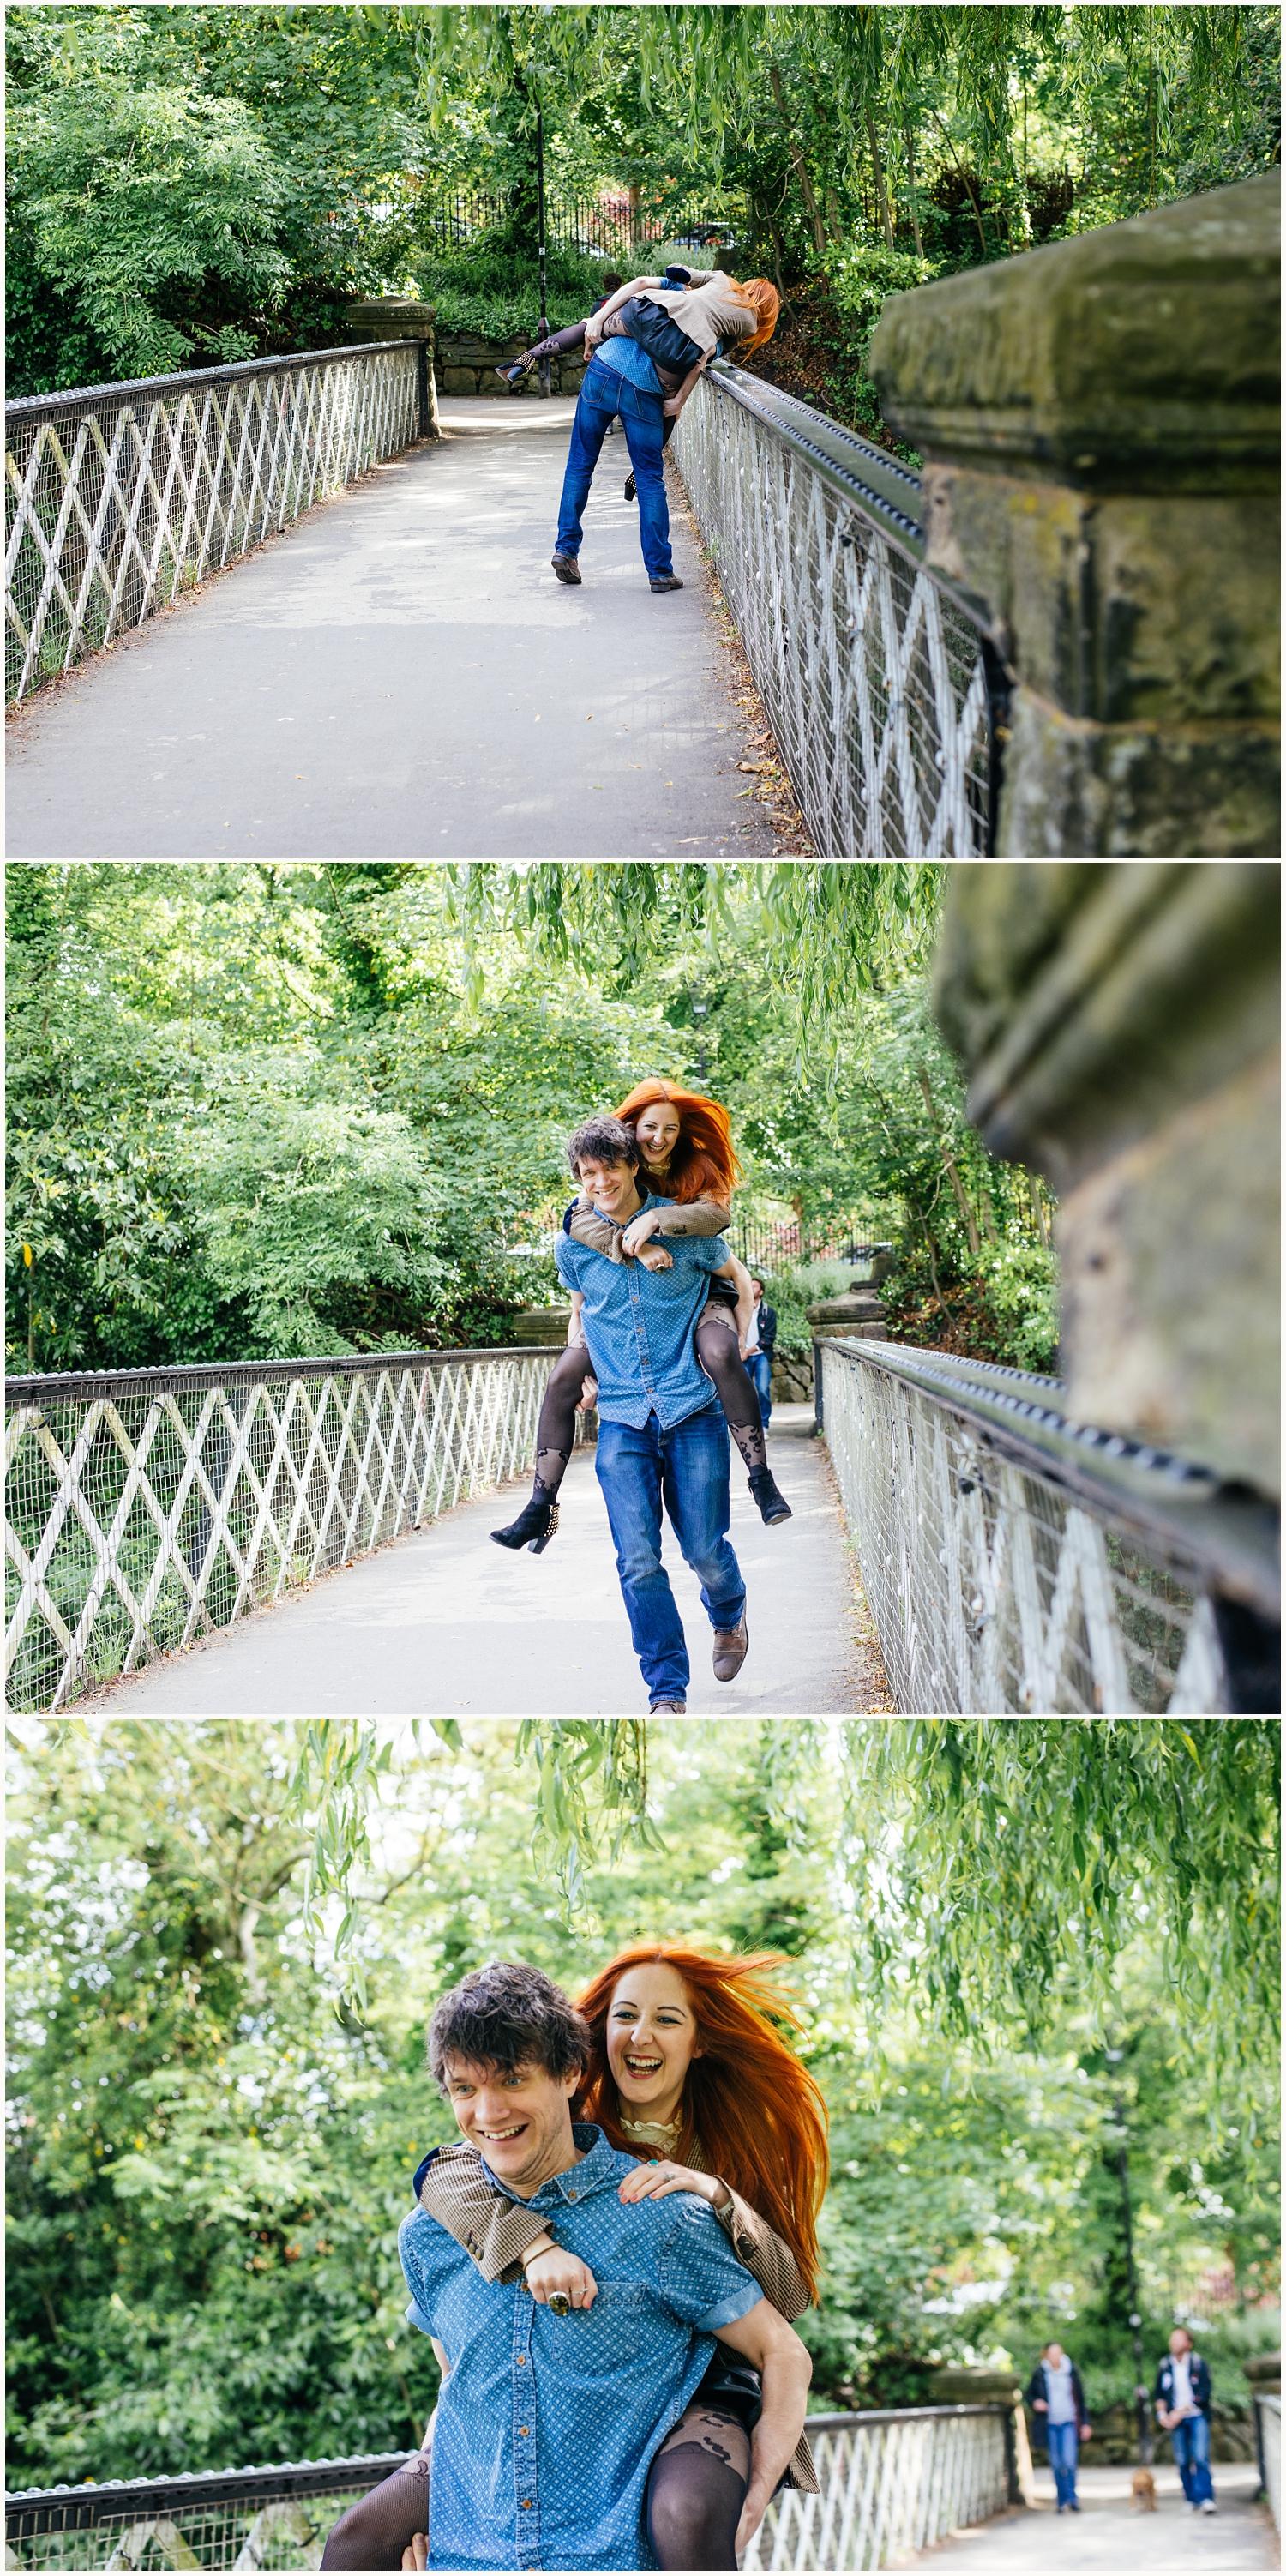 Janine&Andy_NikkiCooperPhotography_eshoot-1010.jpg